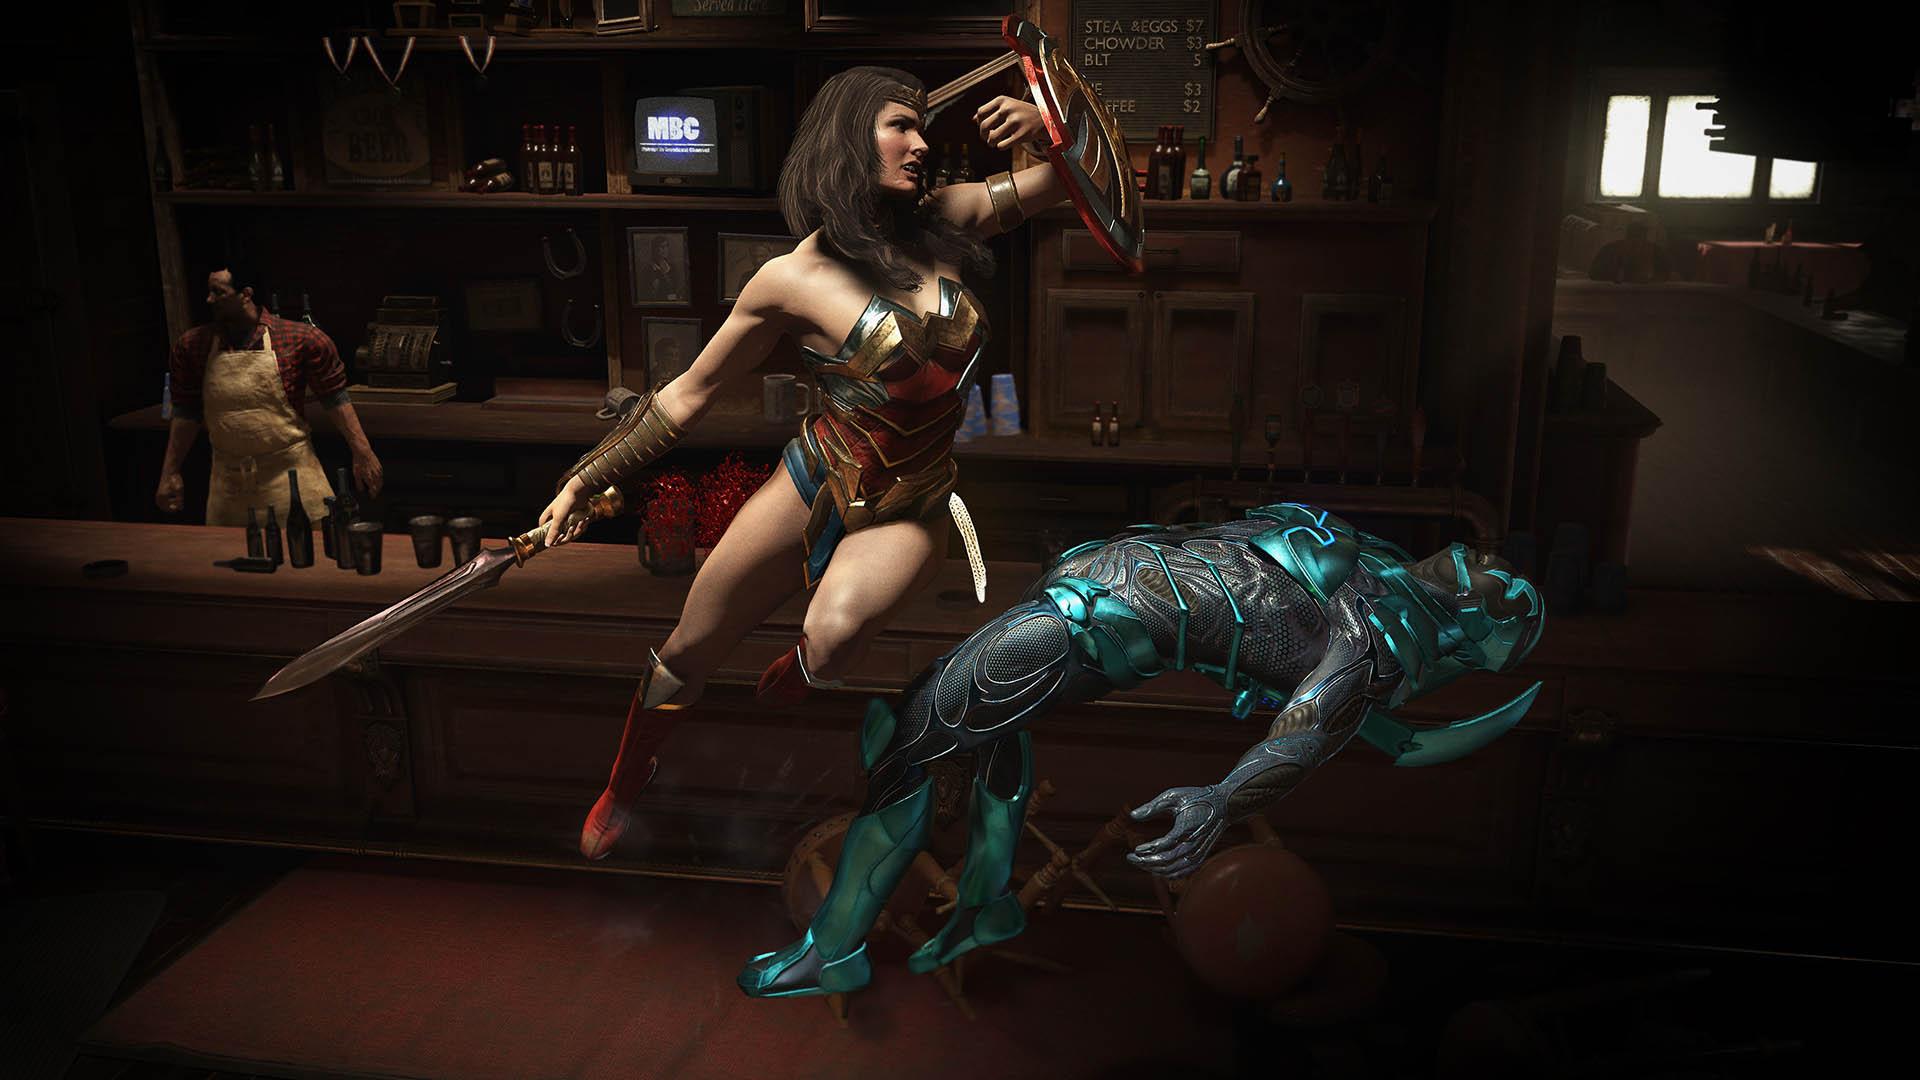 Травмирующая культура кранчей в студии-разработчике серии «Mortal Kombat» - 4